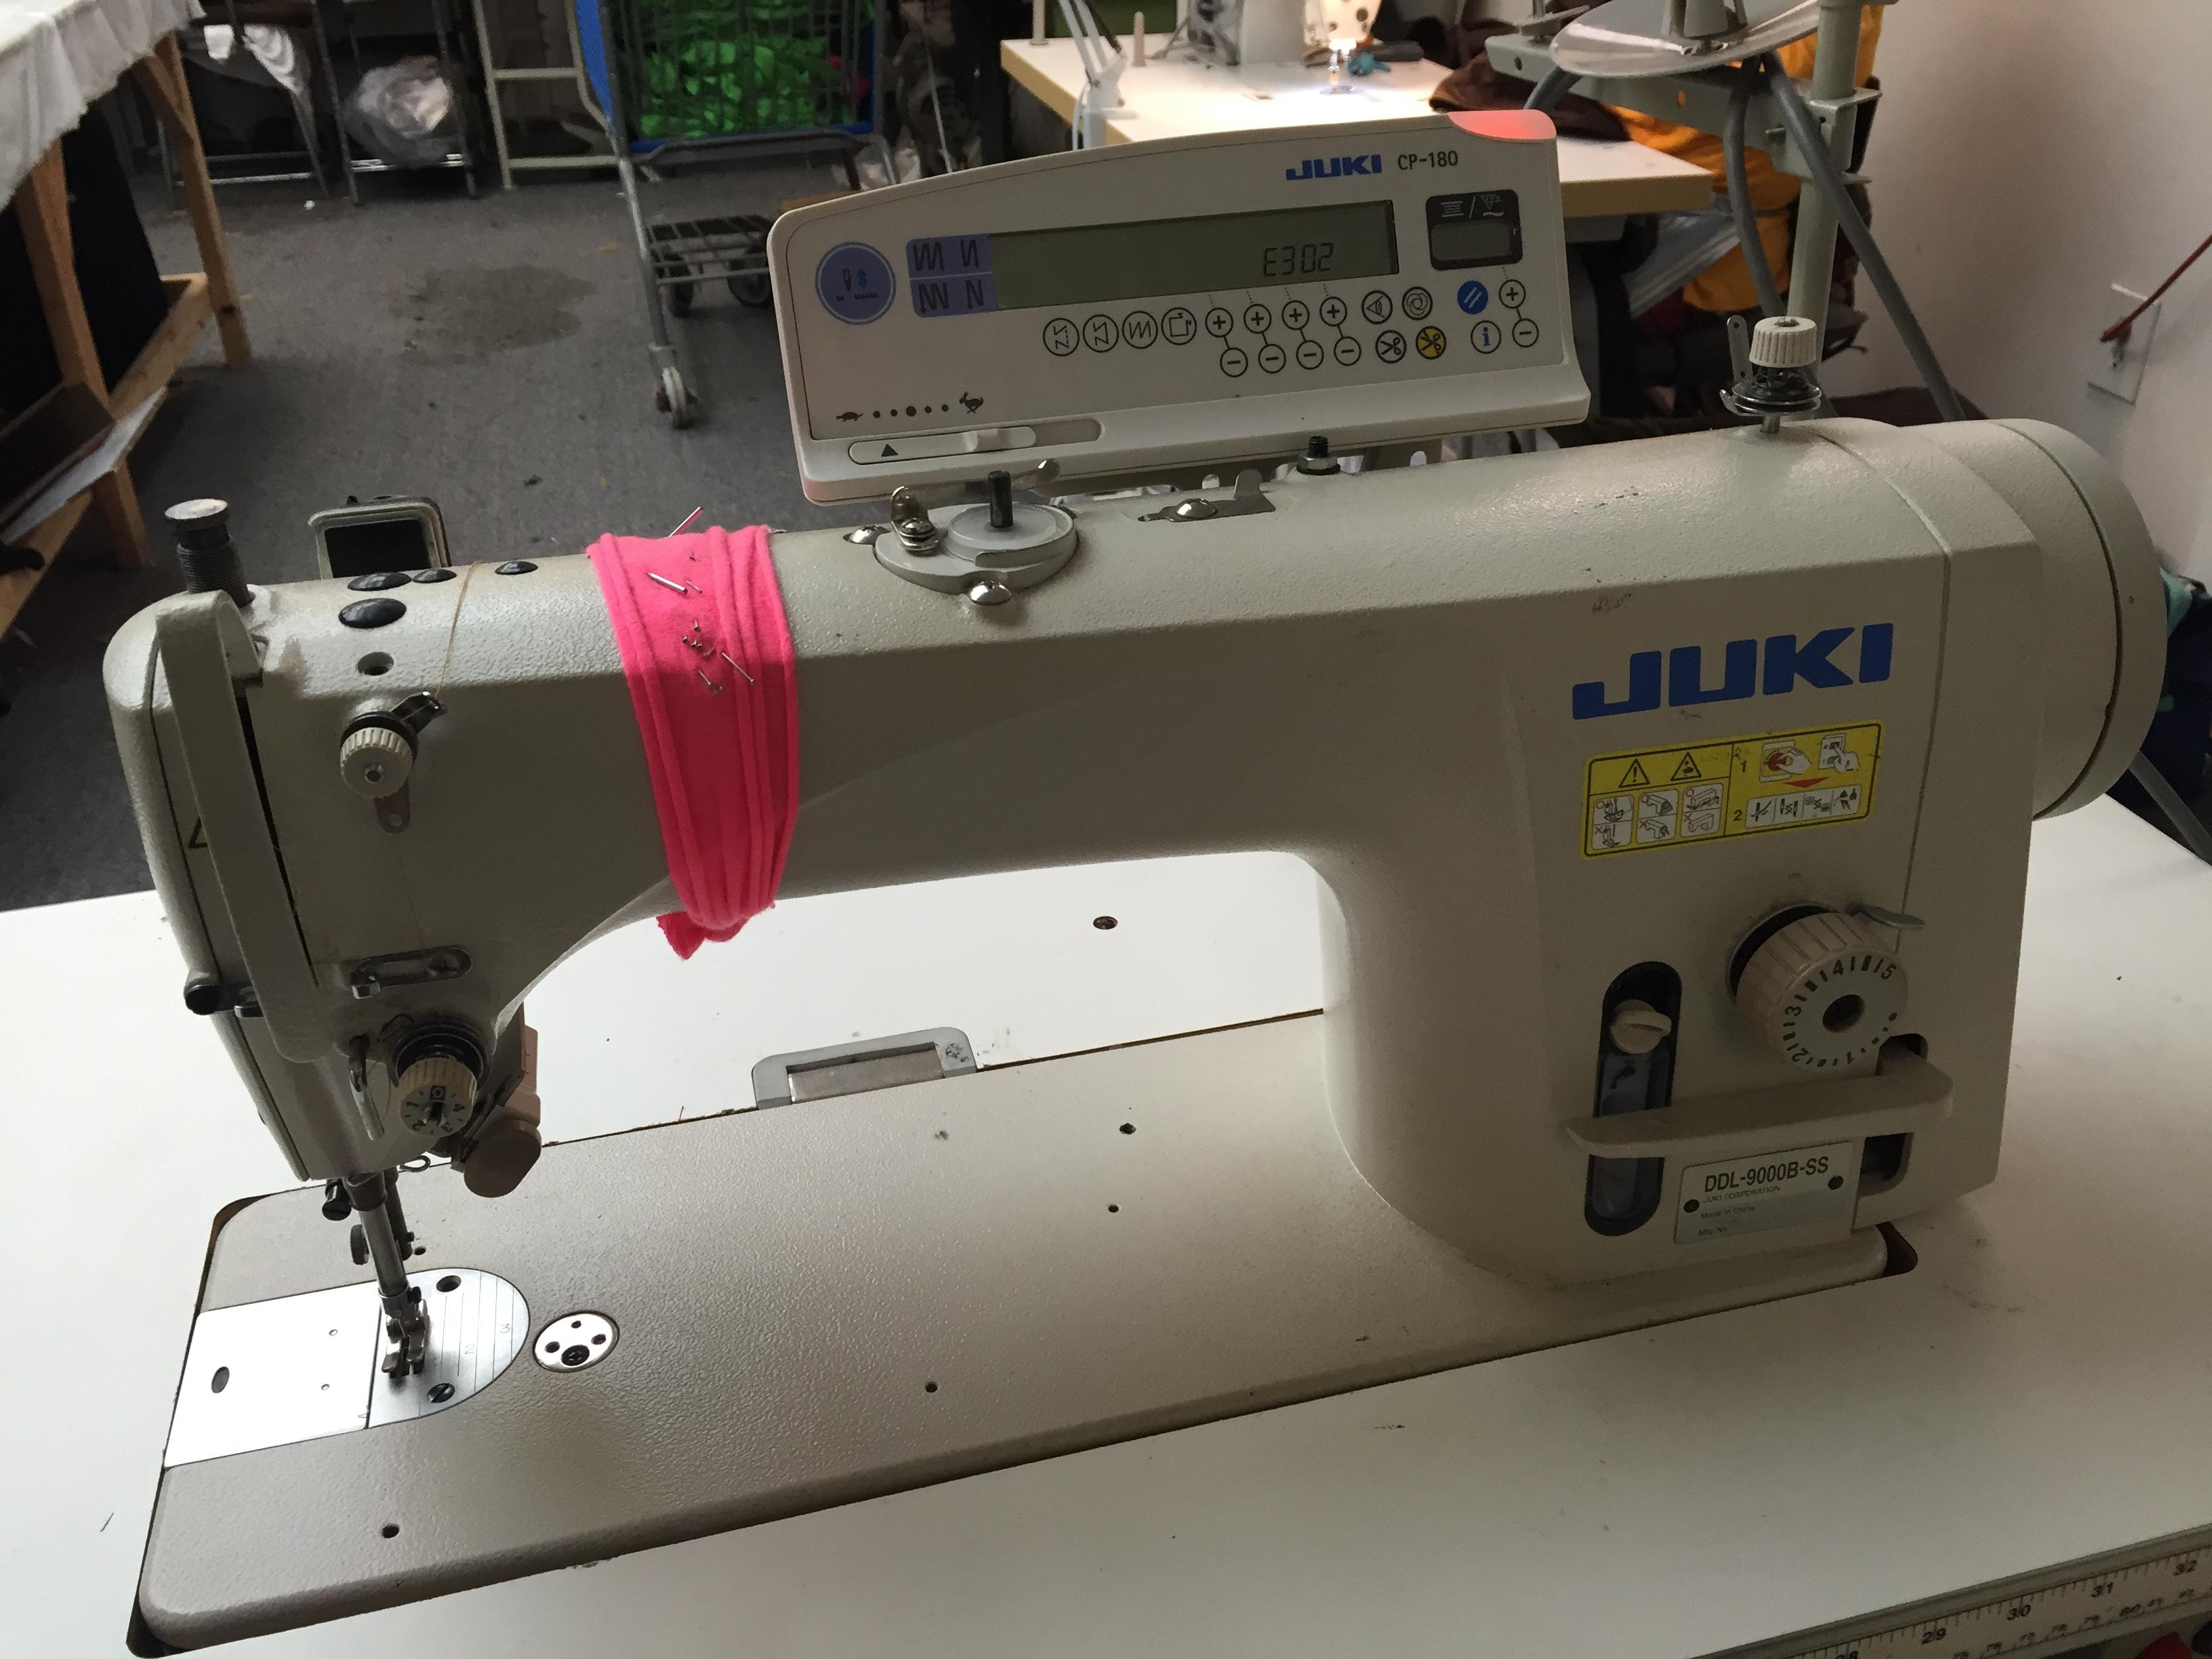 2016-07-26_190020_sewing2.jpg